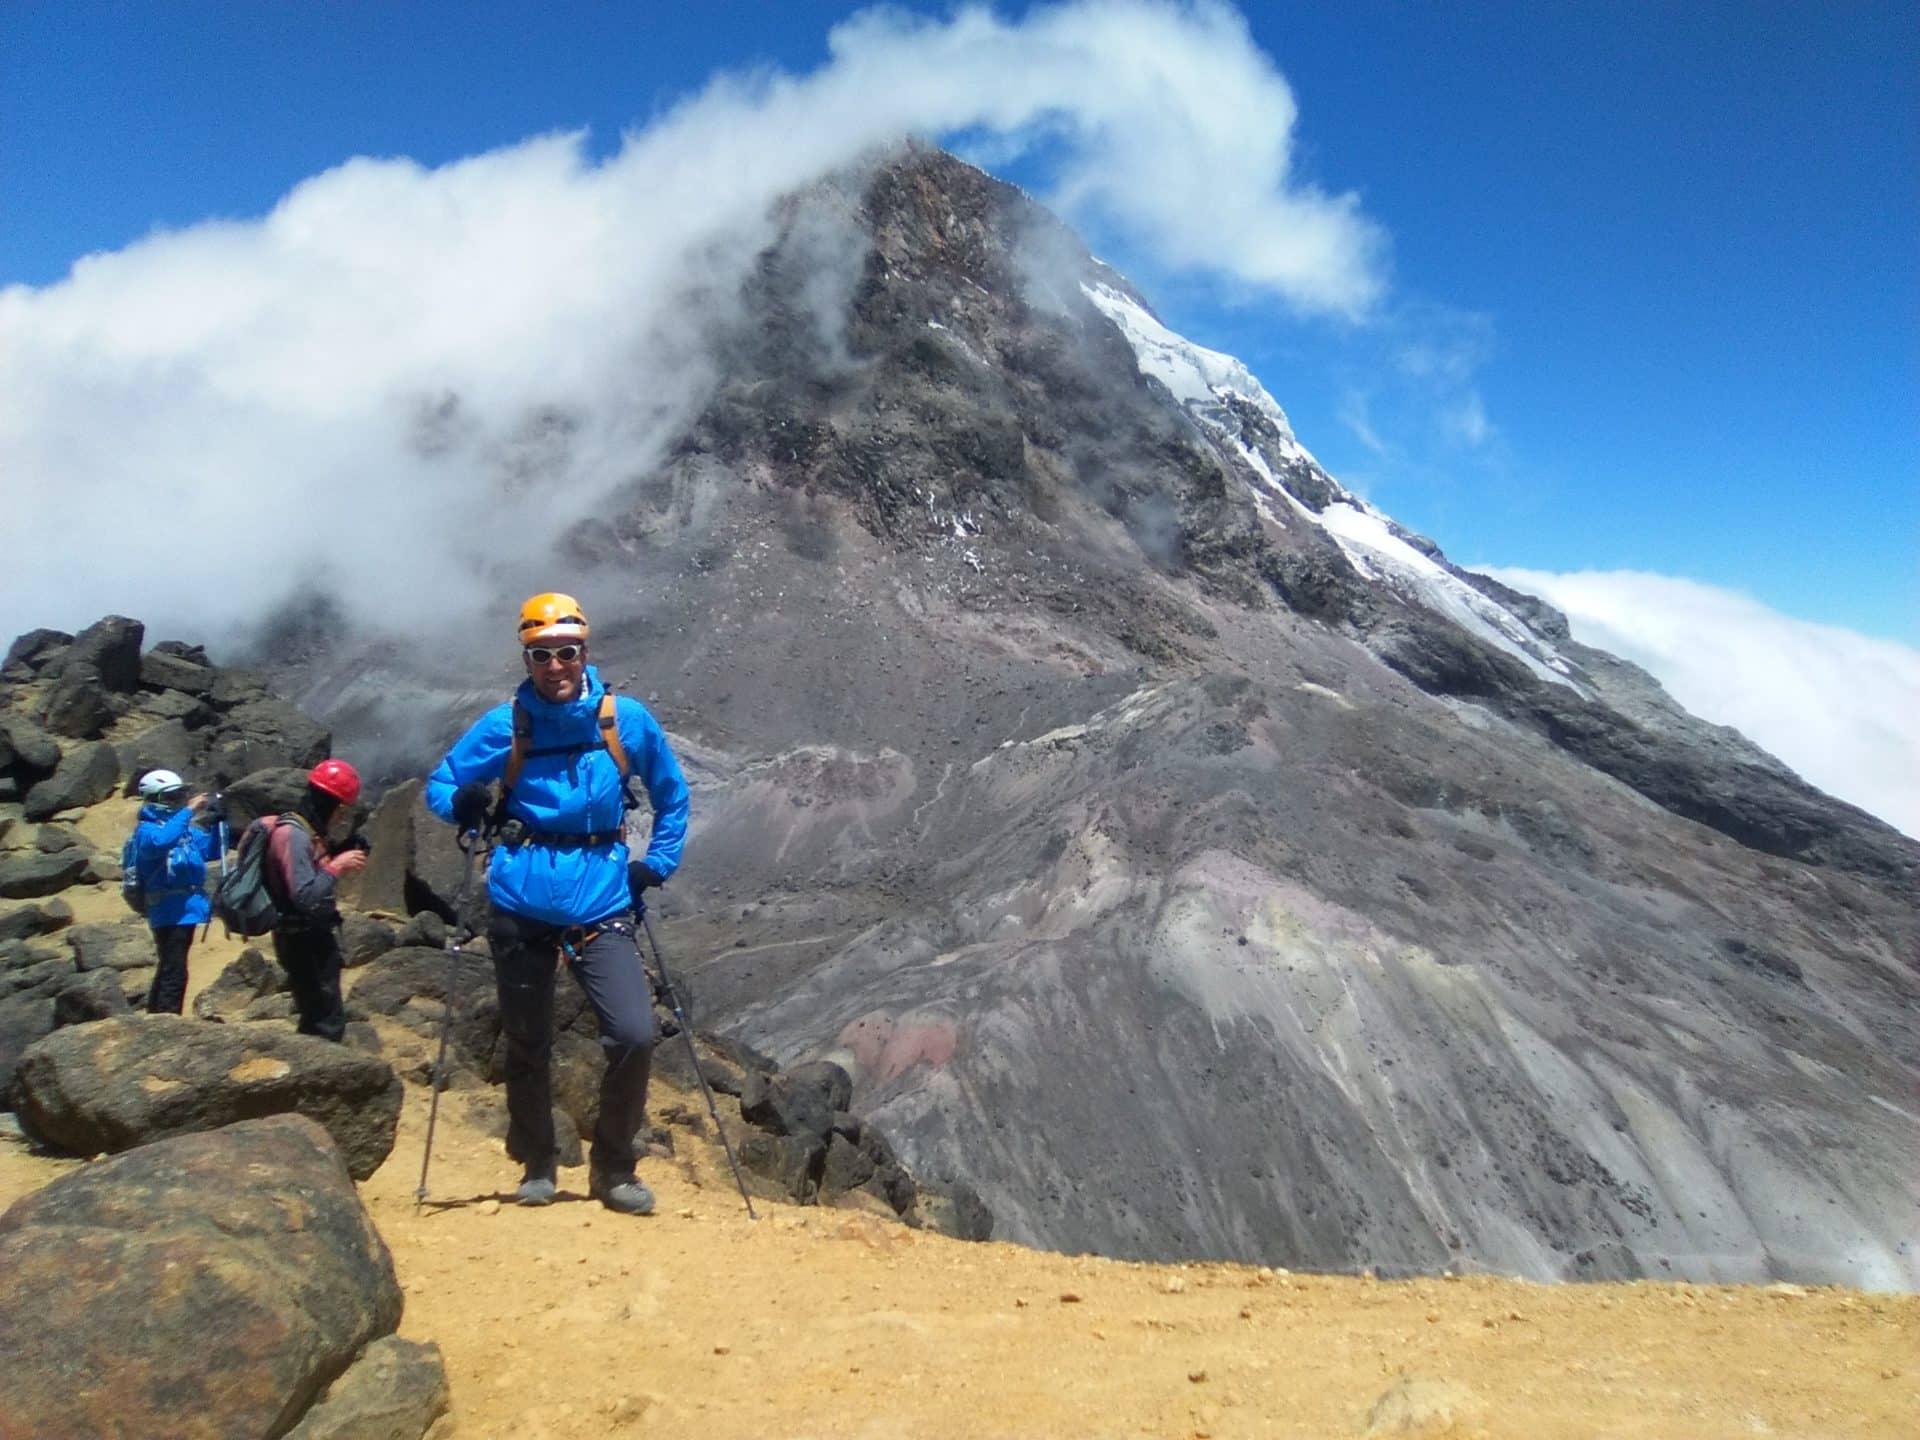 2-day ascent to Iliniza North